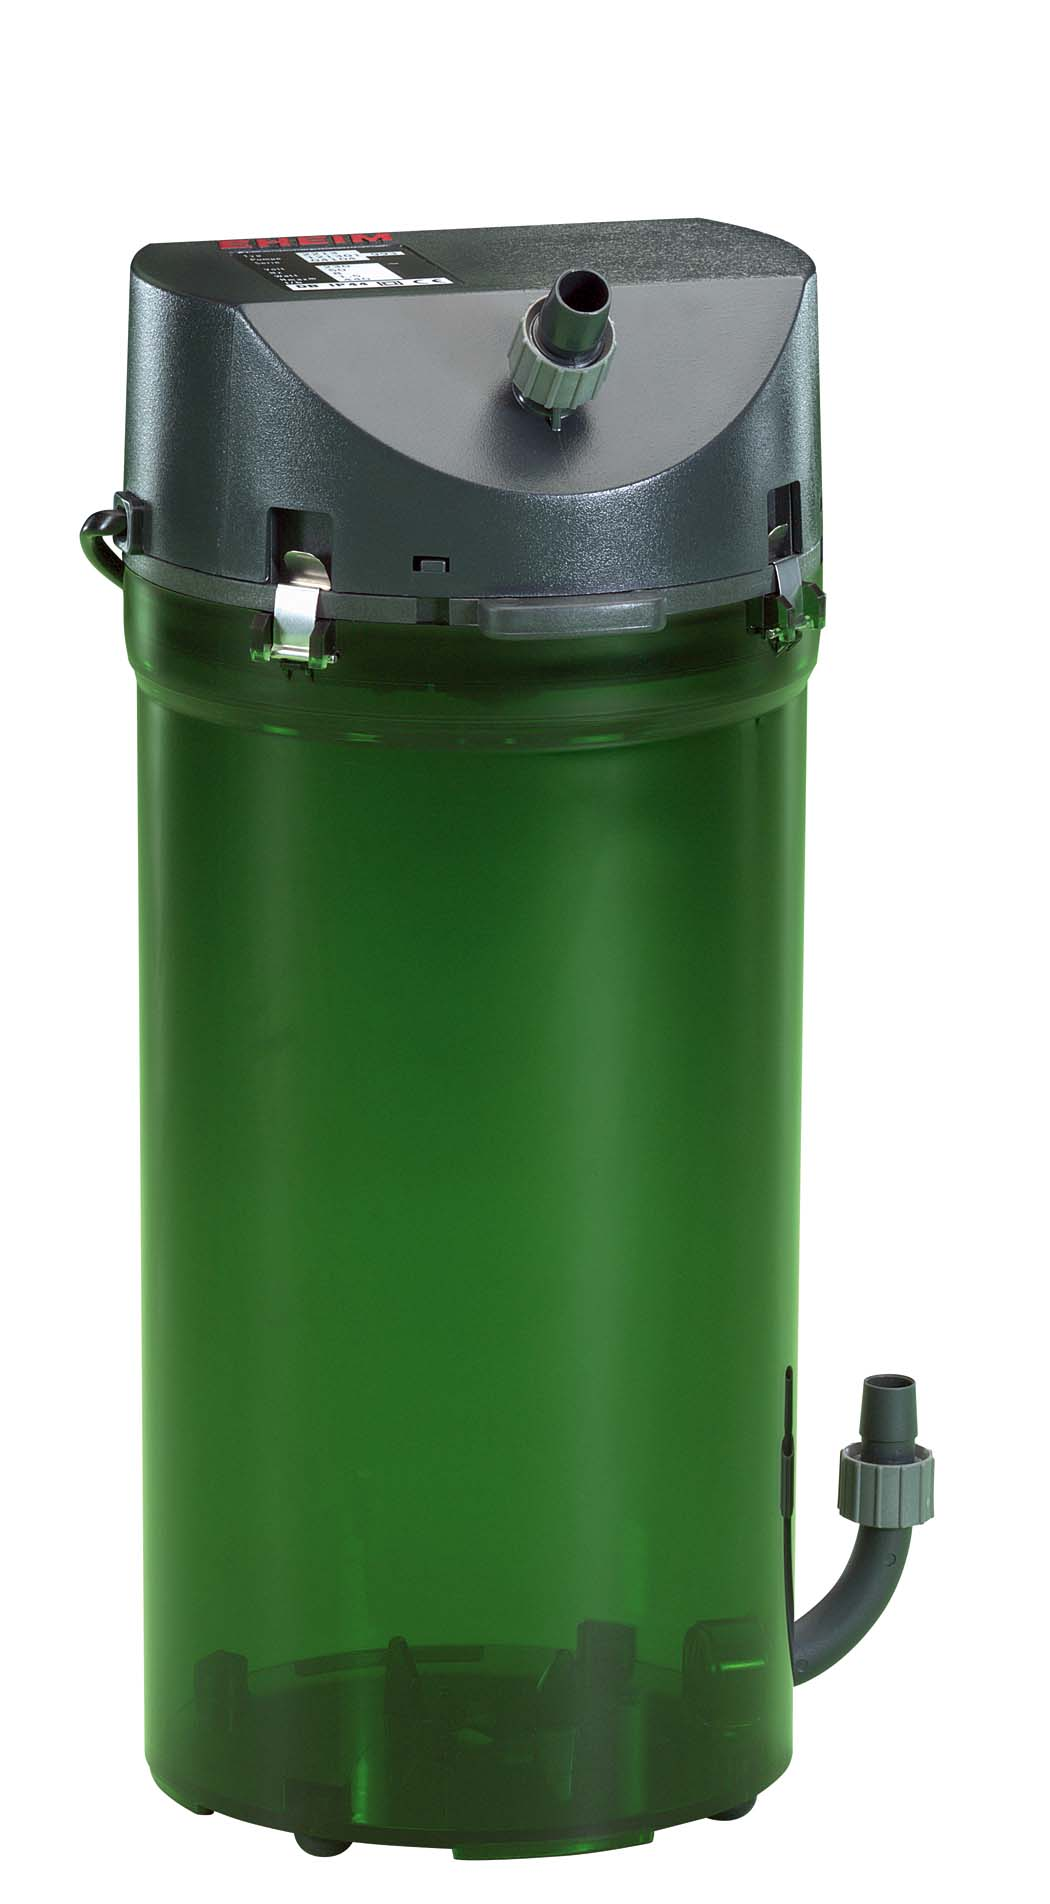 Eheim Canister Classic 2213 - 110 V ( p/ aqua 250 Lts)